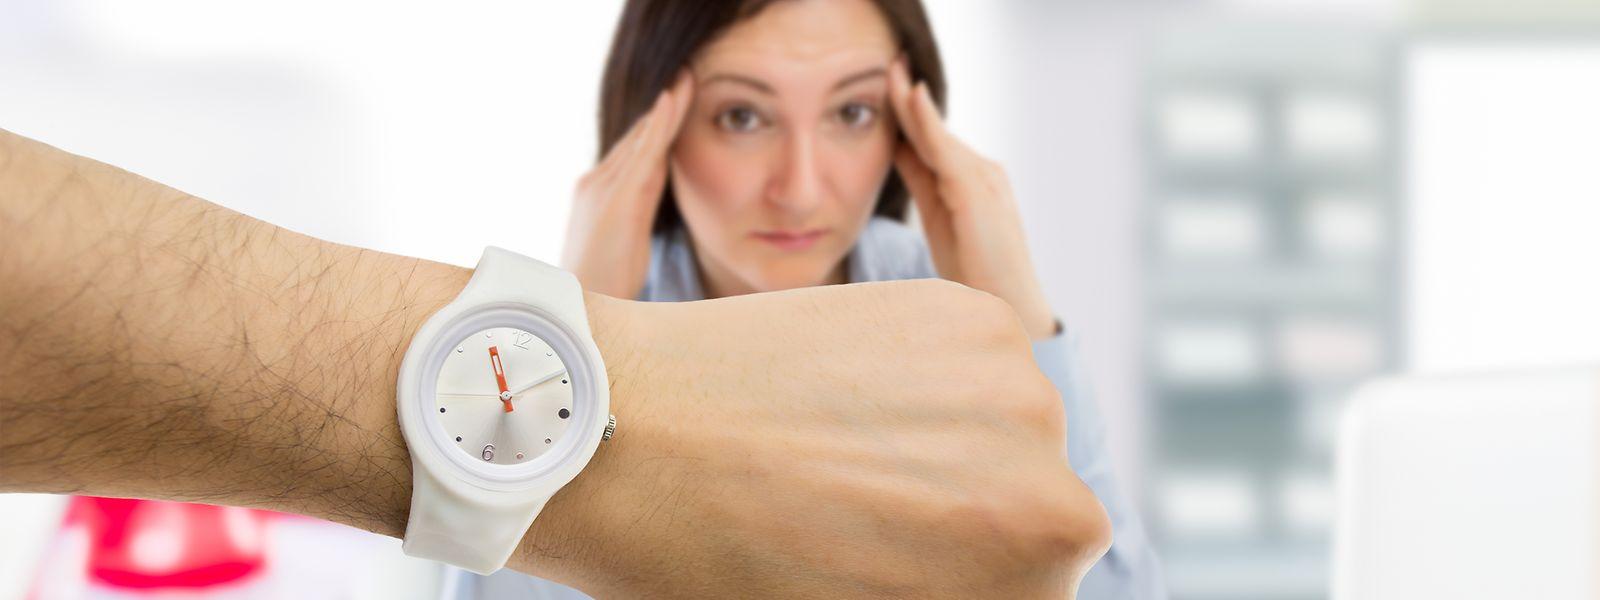 Les heures supplémentaires sont le premier facteur de déséquilibre entre vie privée et vie professionnelle.